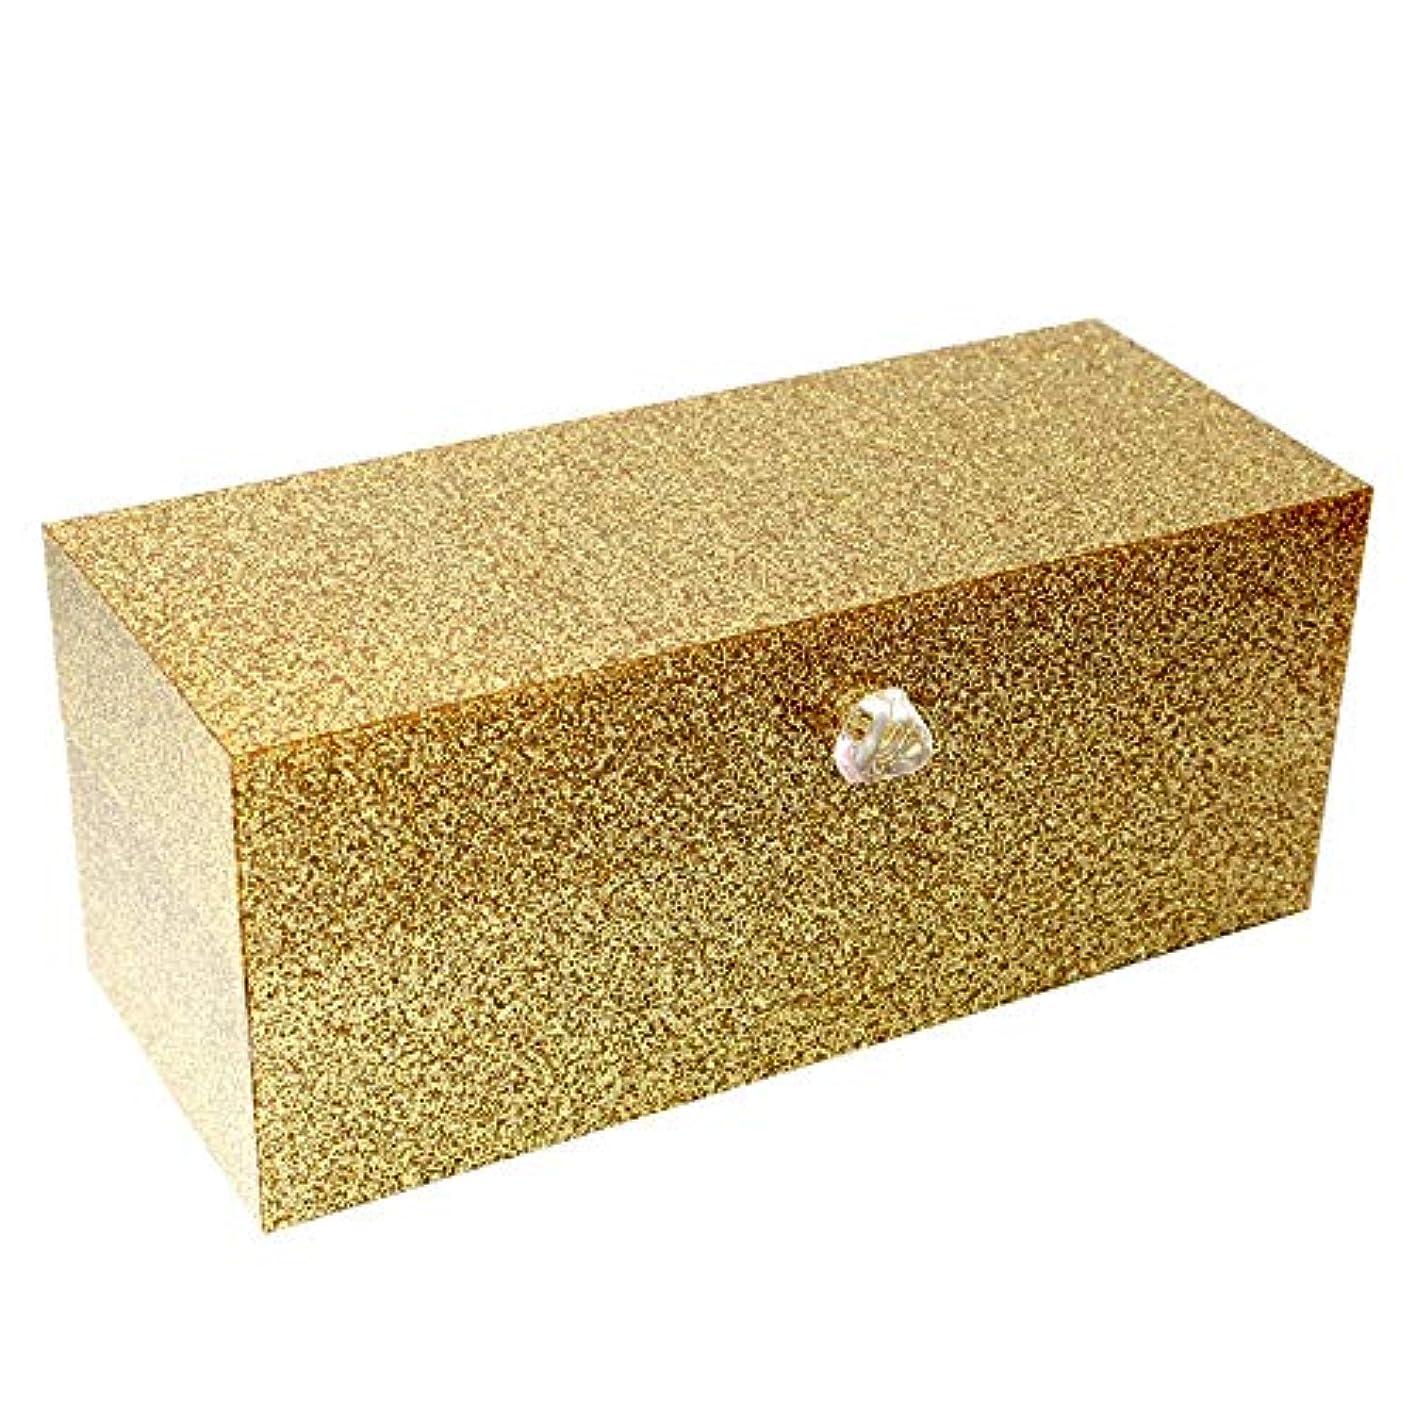 ペレグリネーションごちそう作り上げる整理簡単 口紅のアクリルの付属品を収納するための24のコンパートメントが付いている簡単な構造の貯蔵ふたが付いているオルガナイザー(金) (Color : Gold, Size : 23*9.5*9.2CM)